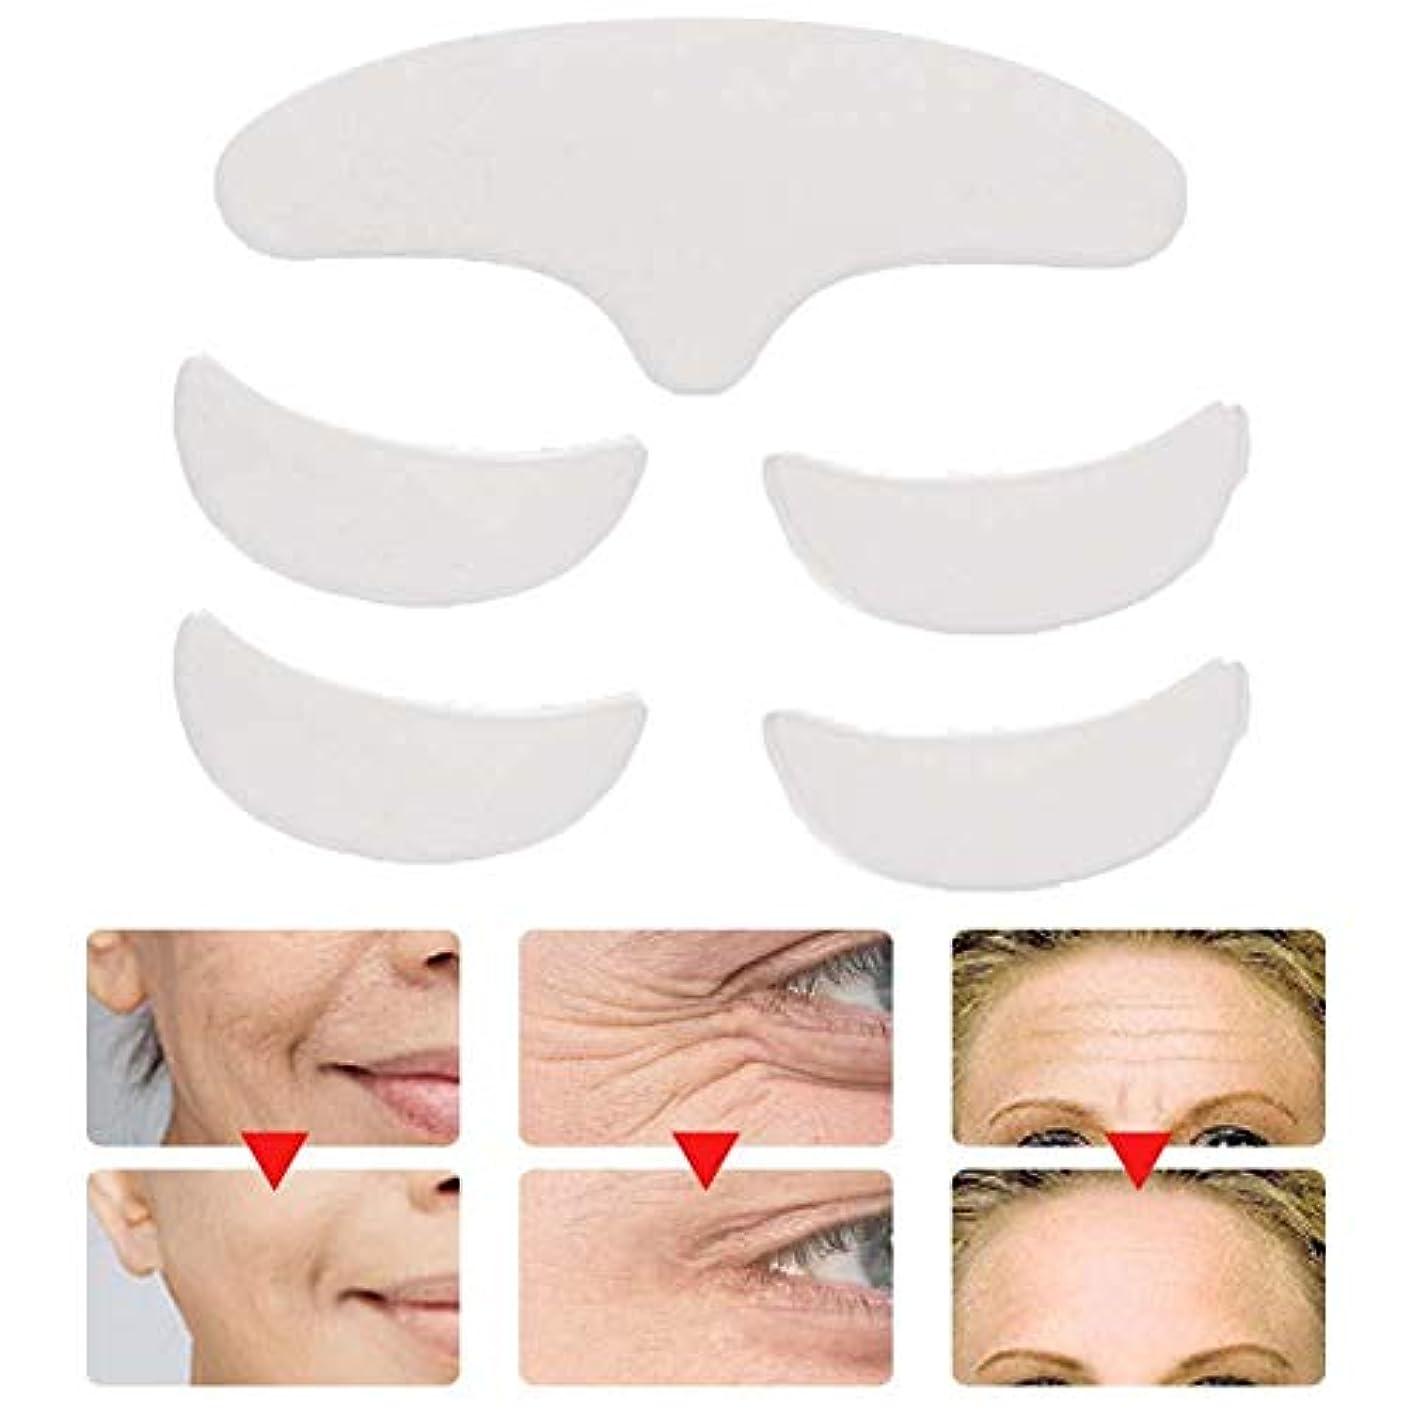 本会議マイクロ並外れて5個再利用可能な洗える額の目の顔のパッチ、抗しわパッドスキンリフティングシリコーンパッチ